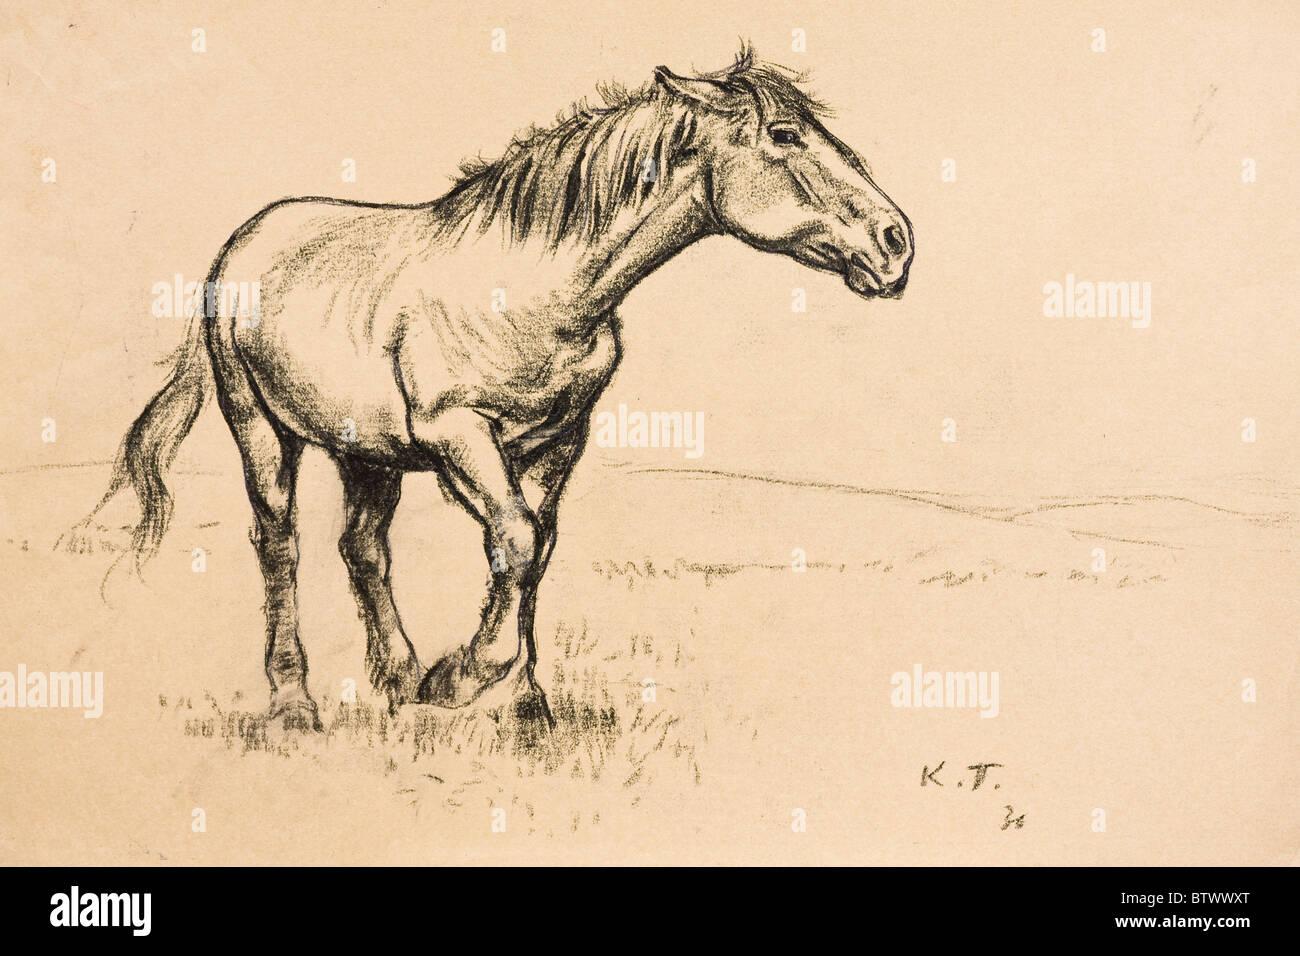 Retrato de caballo, carboncillo sobre papel por Kurt Tessmann, 1936 Imagen De Stock